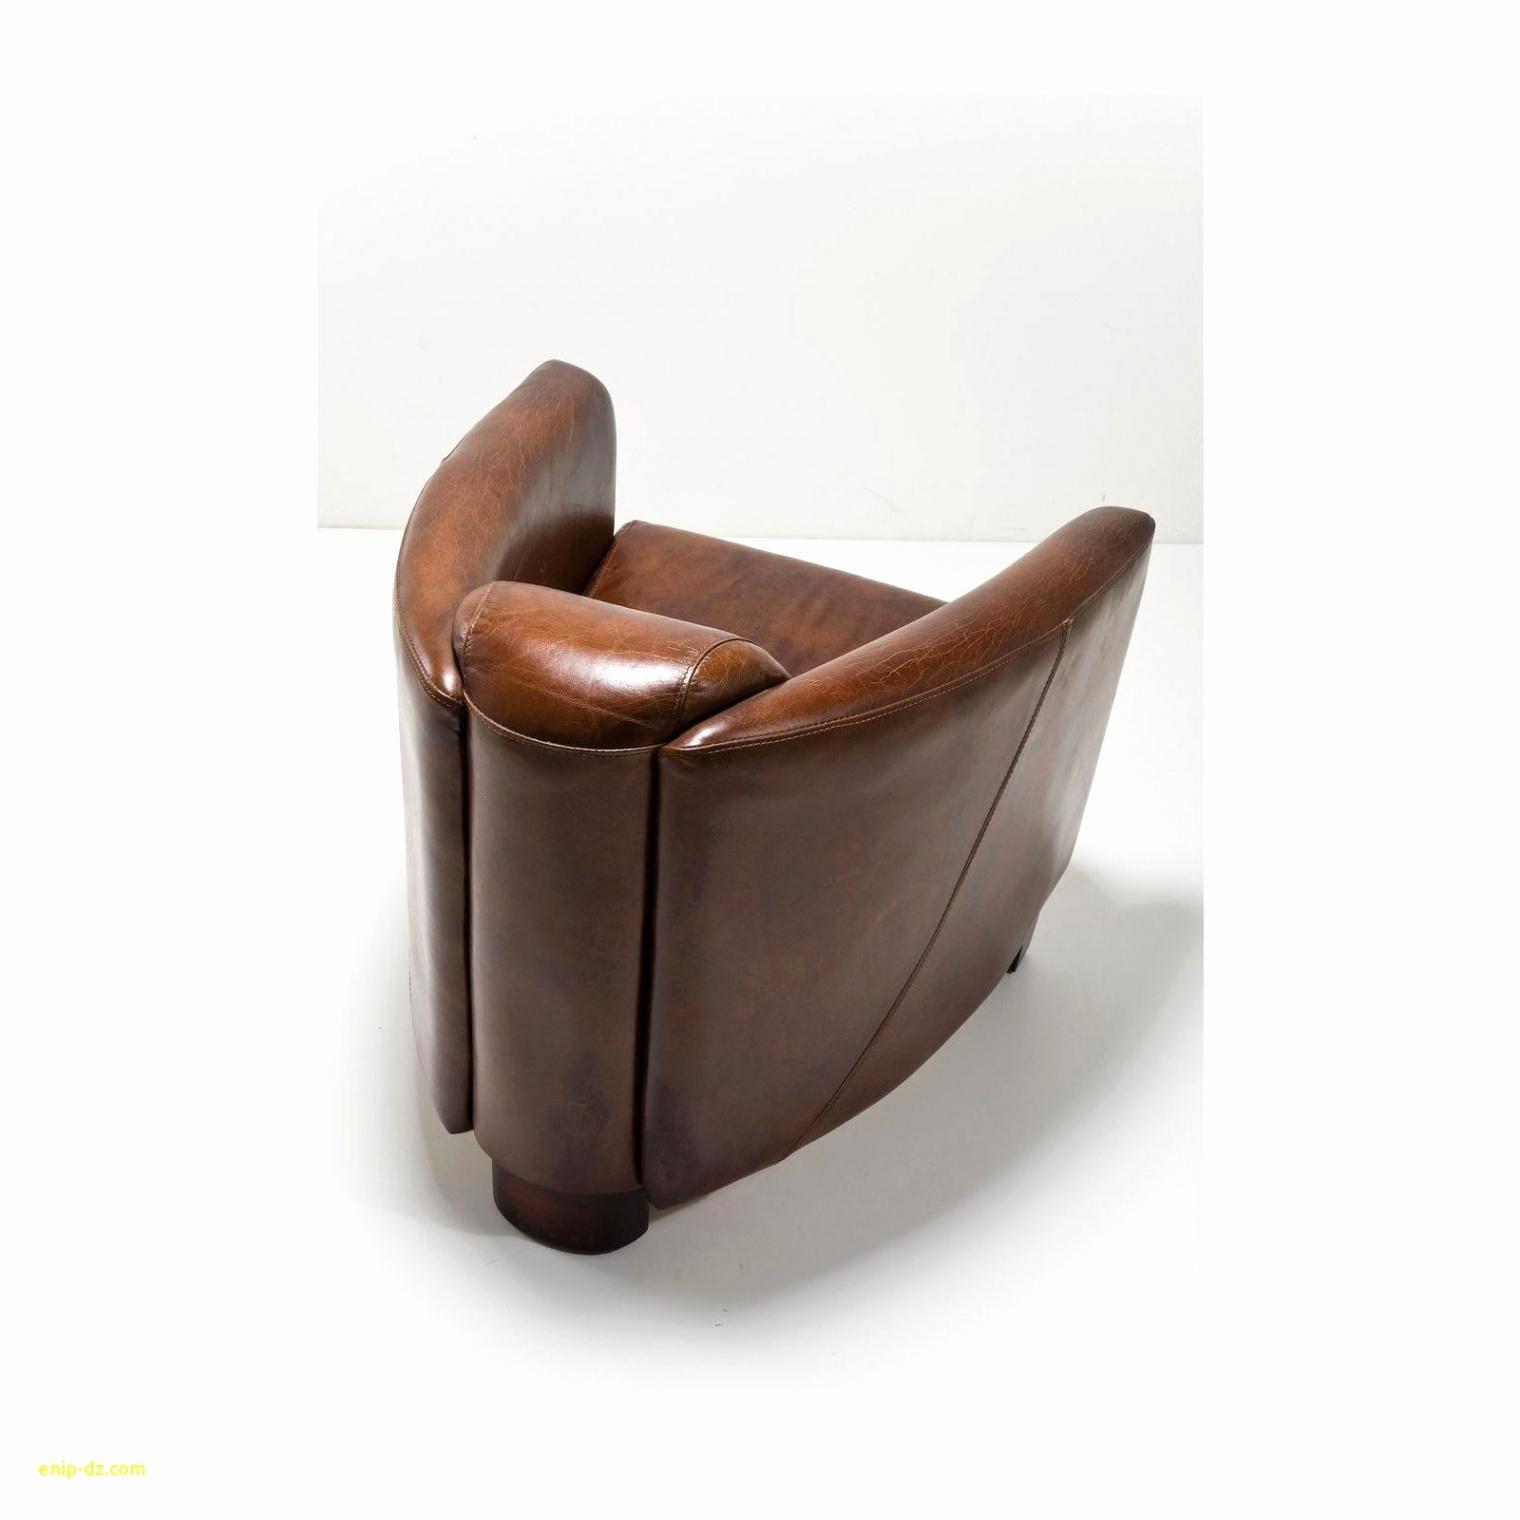 chaise marron vieilli impressionnant chaise vintage tissu fauteuil de table tissu frais fauteuil salon 0d of chaise marron vieilli